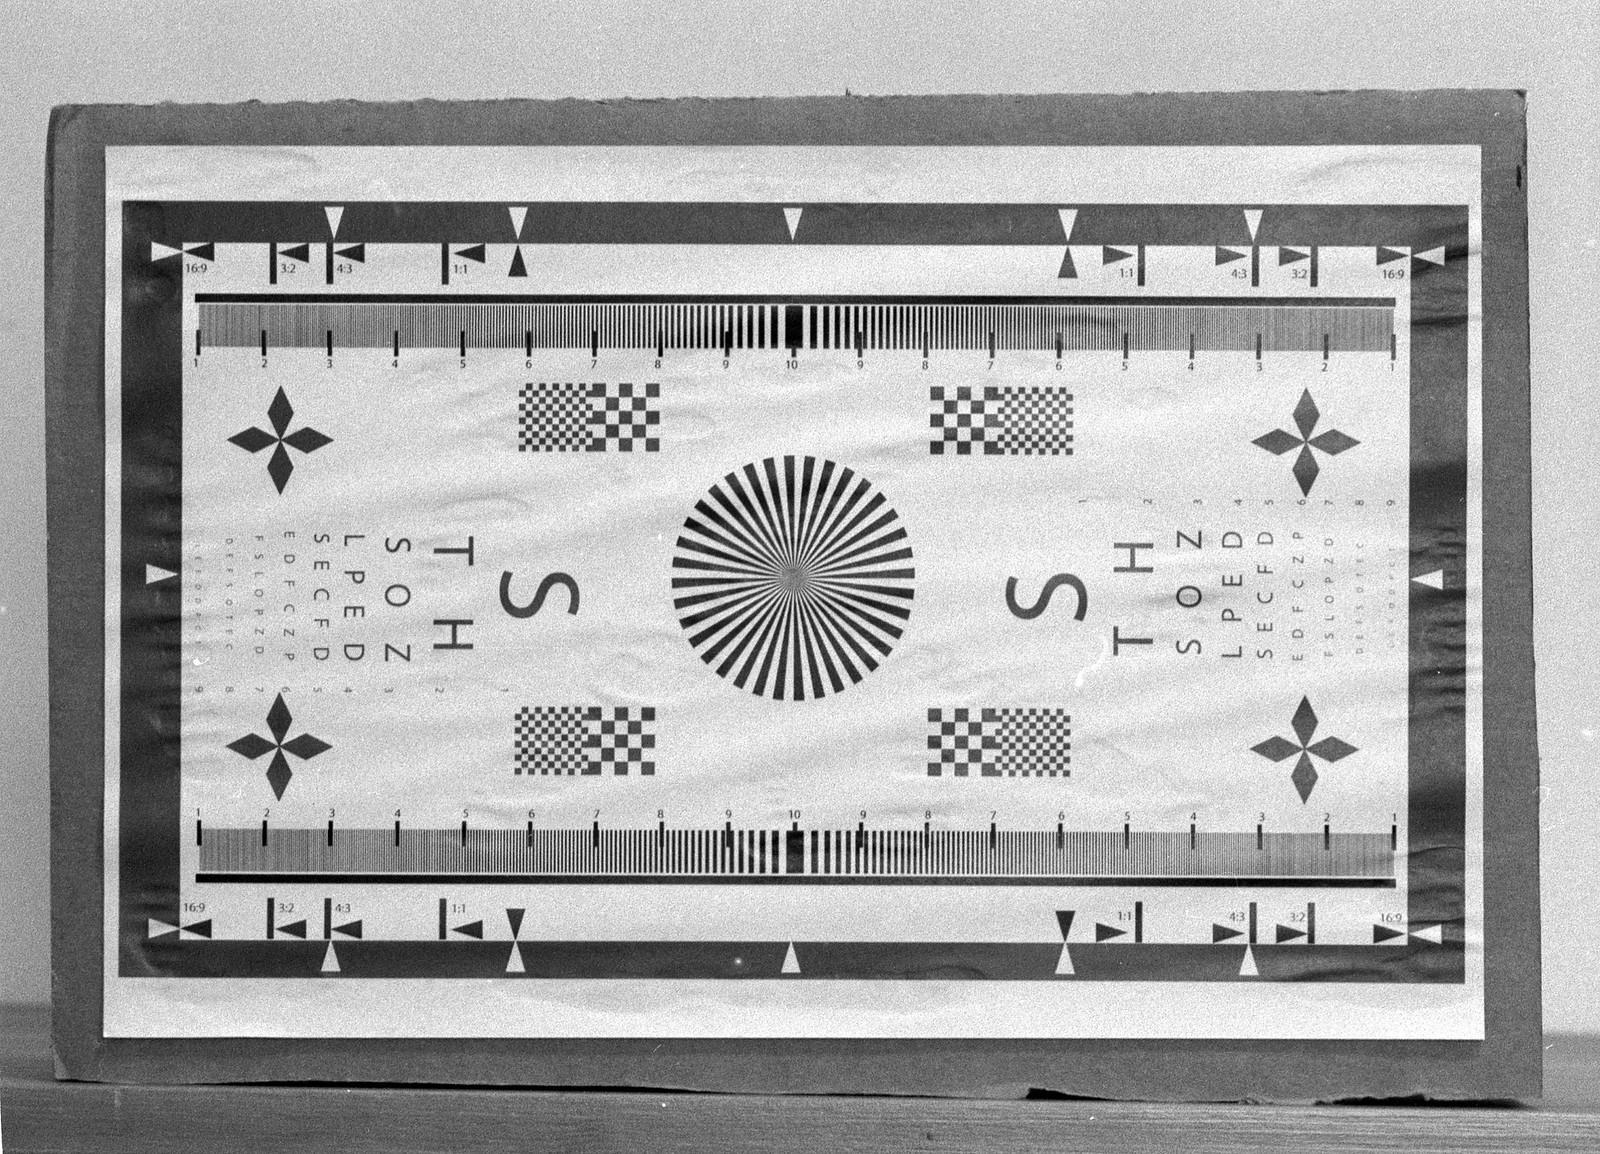 Optical Review Blog No. 11 - Minolta MC Tele Rokkor-PF 1:2.8 f=135mm